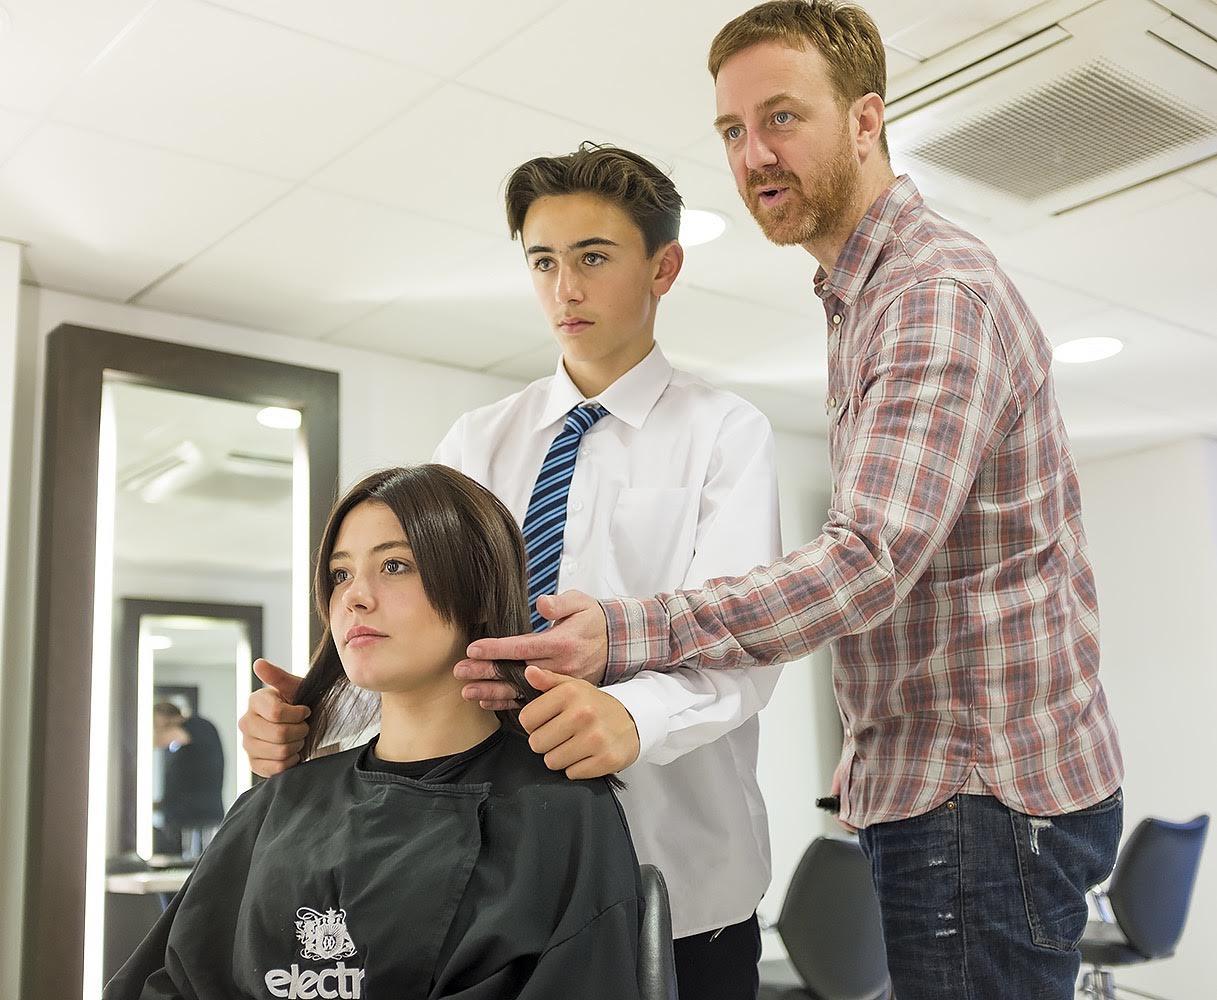 The Salon Apprentice